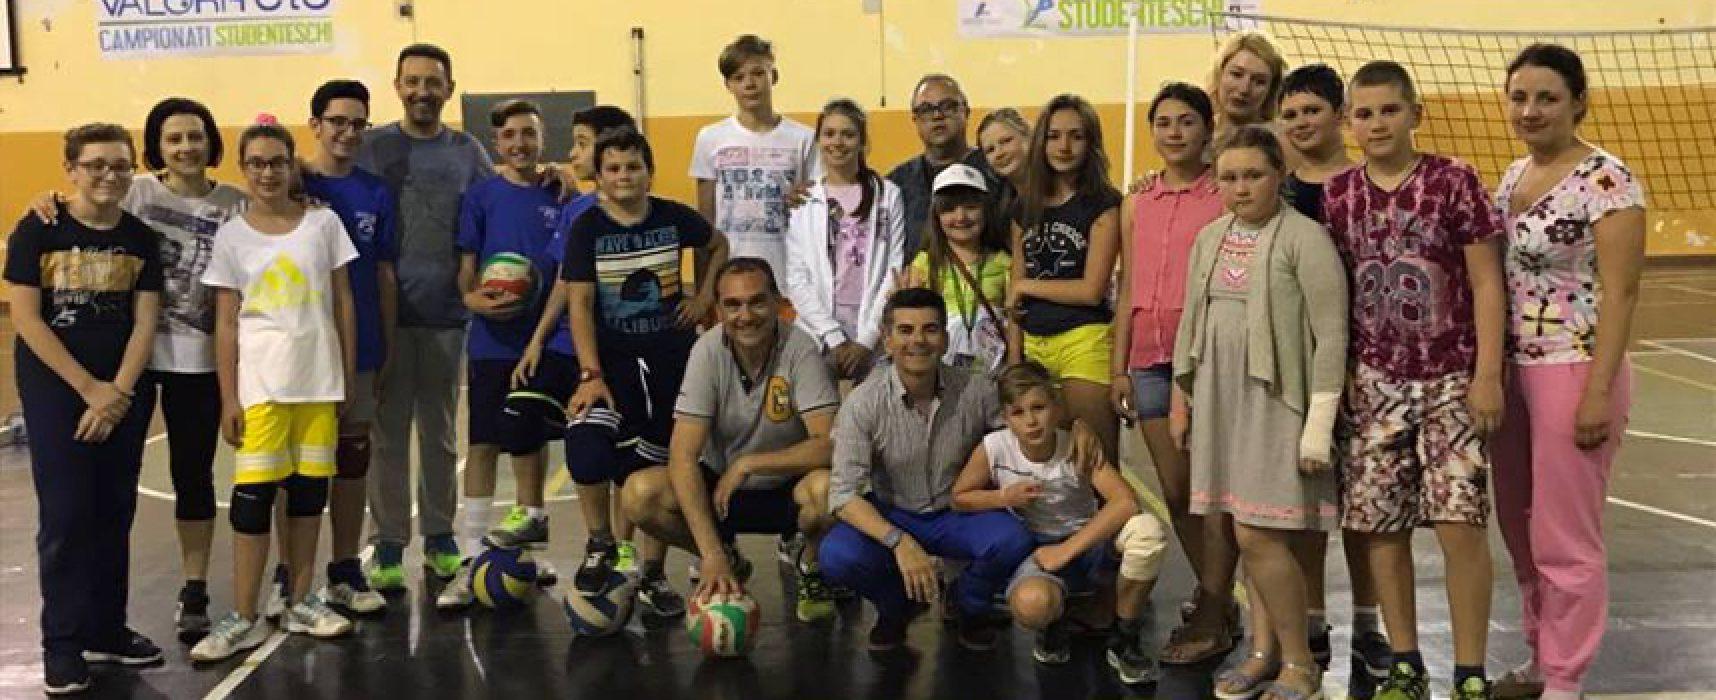 Sport, benessere e accoglienza: Sportilia Volley accoglie bimbi bielorussi